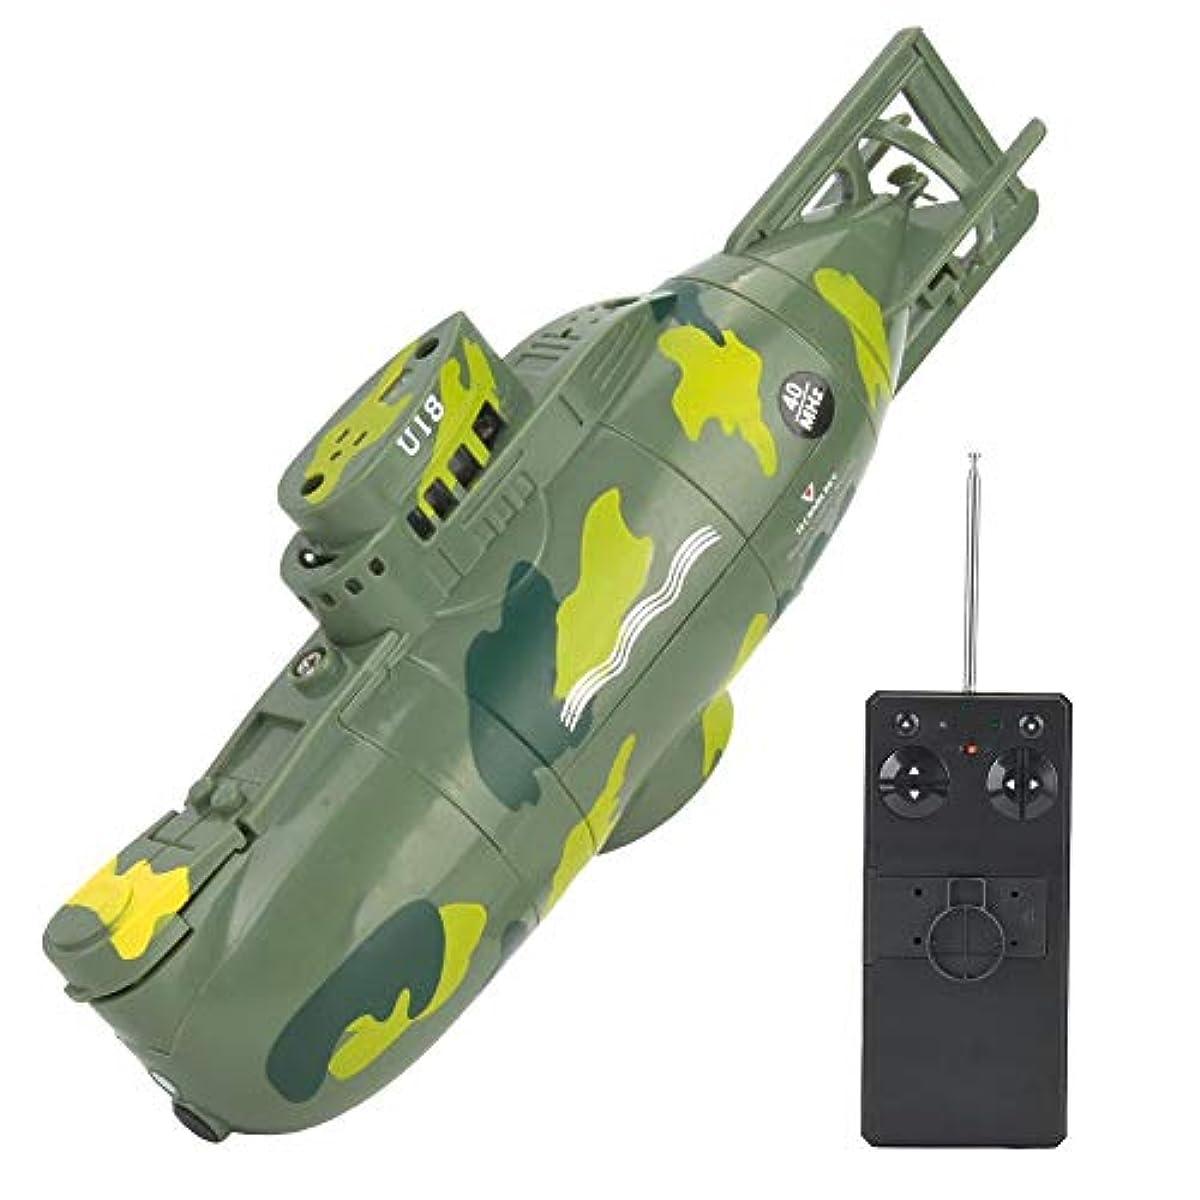 [해외] 풀과 호수의 RC보트,잠수함,미니 시뮬레이션 군사RC 6채널 잠수함 장난감 모델(녹색)